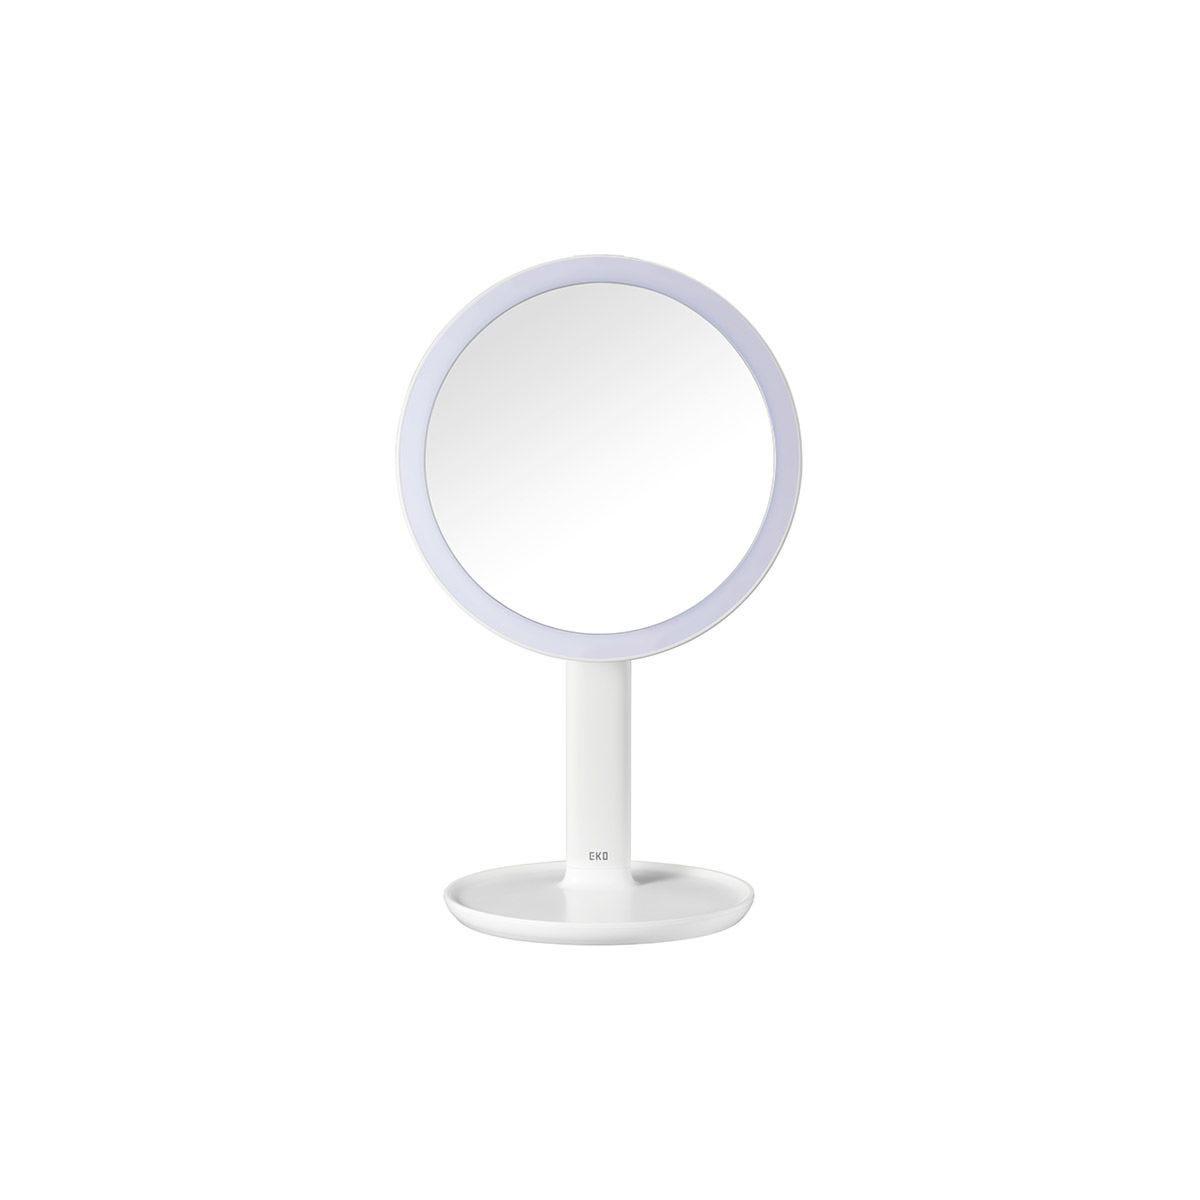 EKO iMira Mini 5X Magnifying Mirror - White